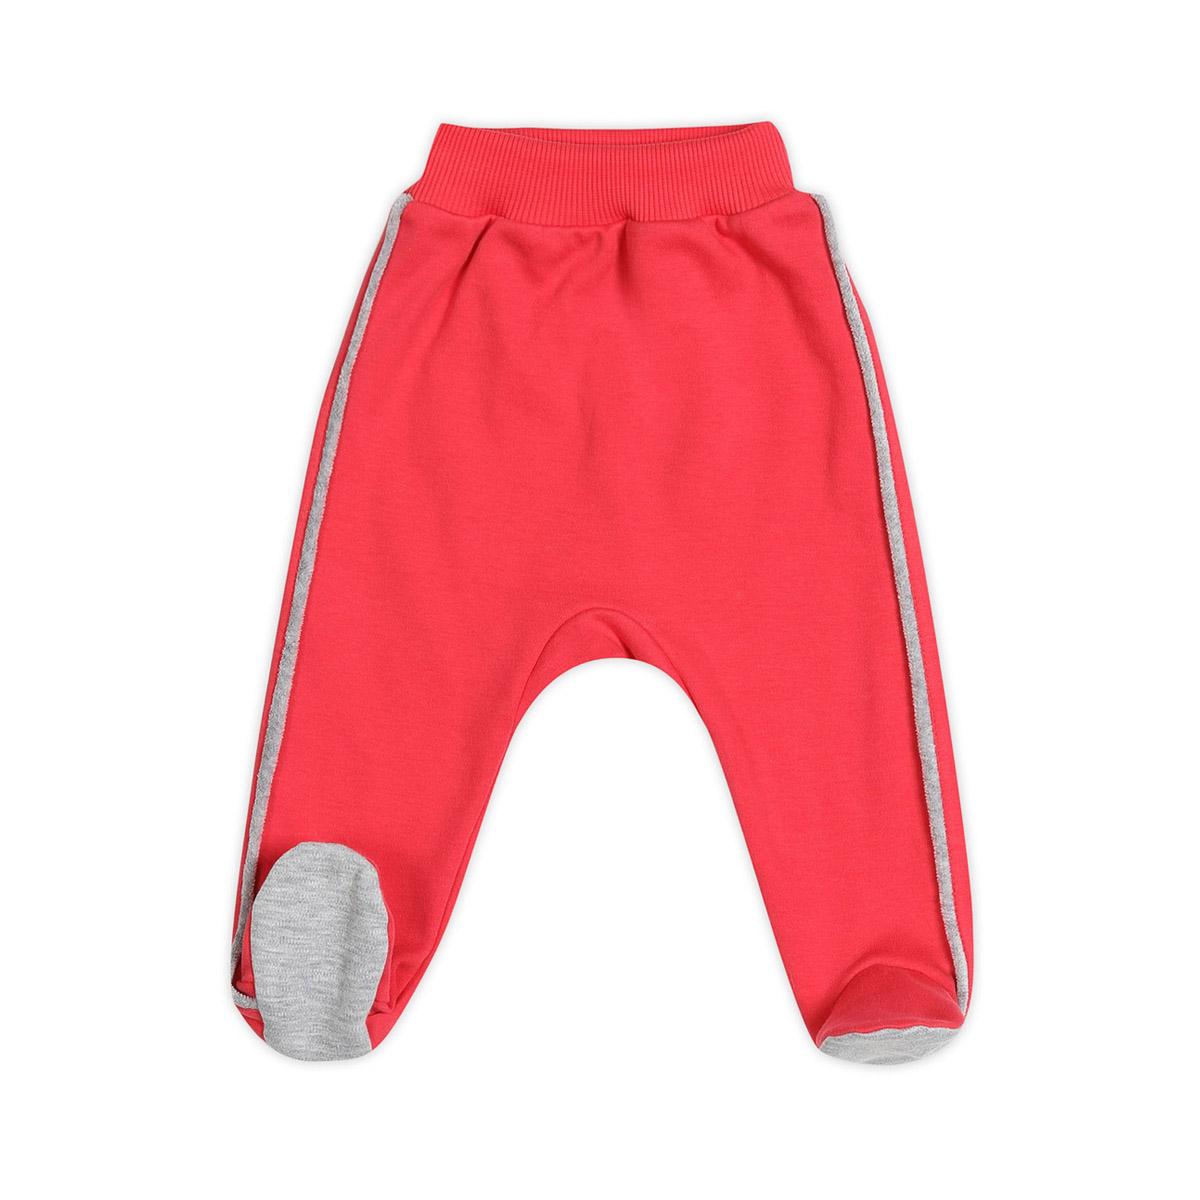 Ползунки с ножками Ёмаё Спорт (26-265) рост 74 ярко-розовый<br>